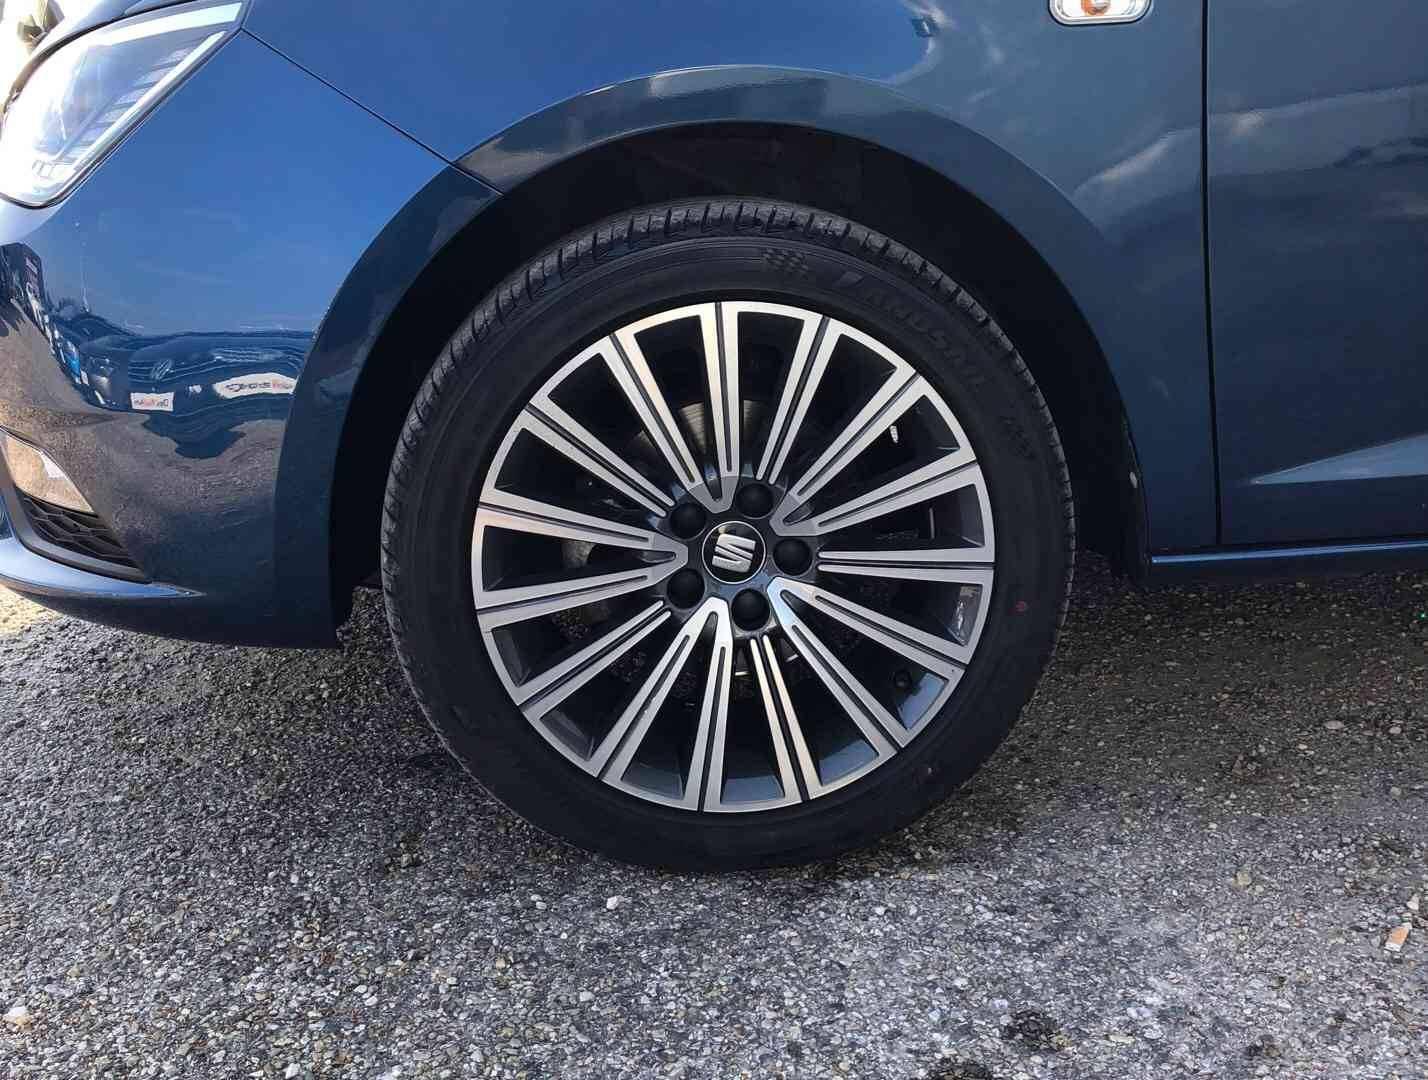 3 - Ibiza SC 1.4 TDI 90 ch